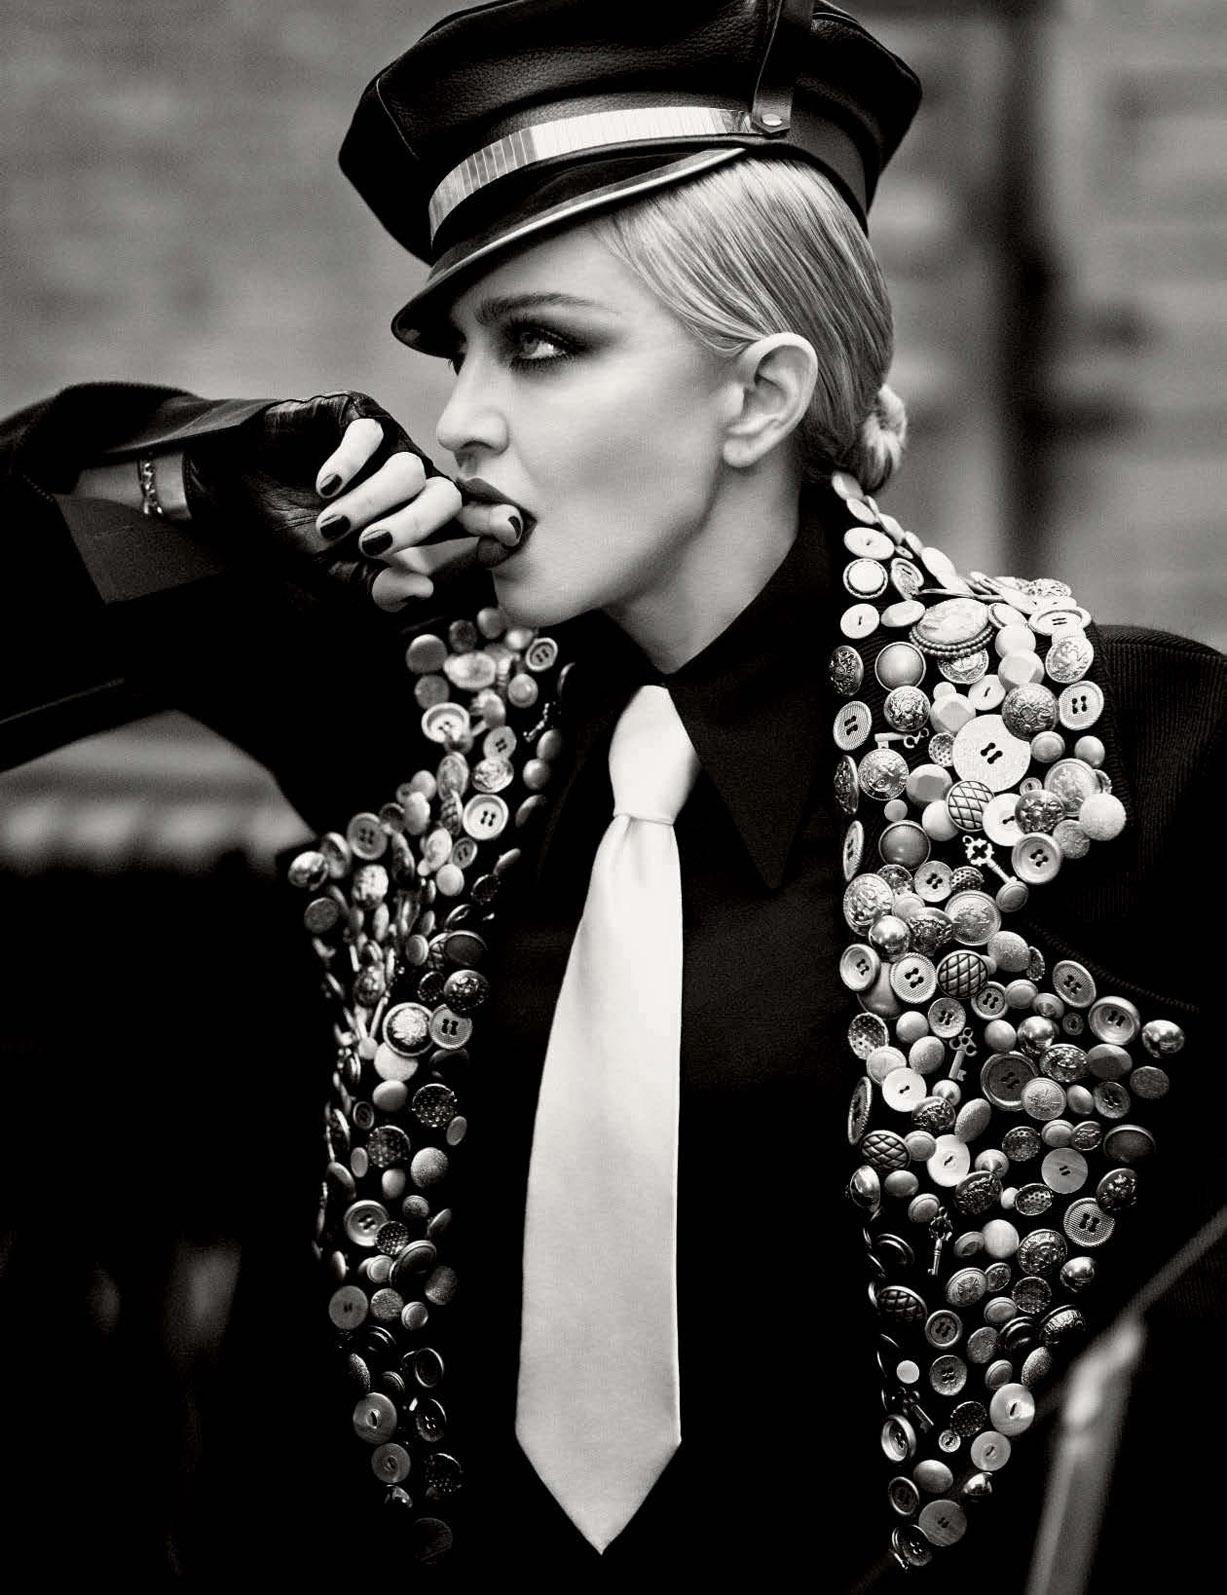 Новая сексуальная революция - Мадонна / Madonna  by Luigi + Iango - Vogue Germany april 2017